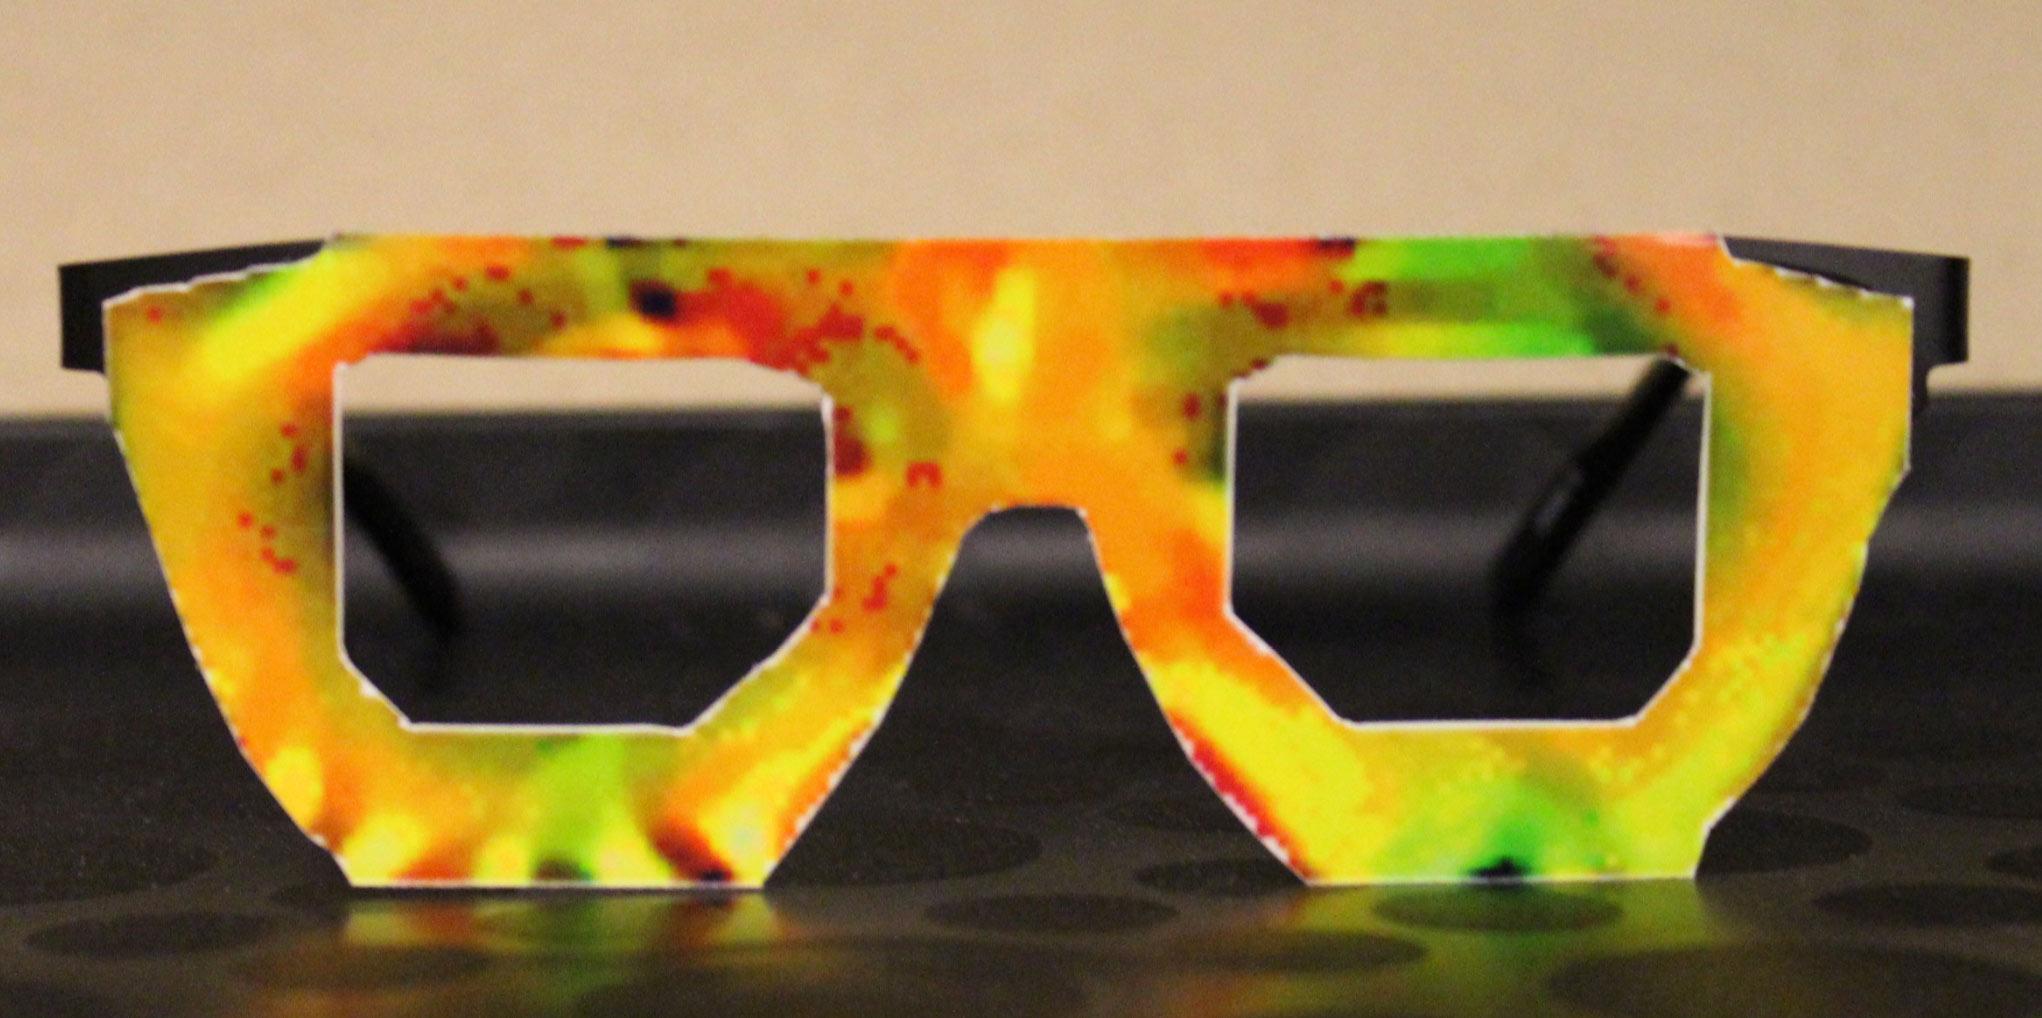 Brille, mit der die Forscher eine Identifizierung durch die Gesichtserkennung verhinderten. Foto: Auschnitt aus der Studie.